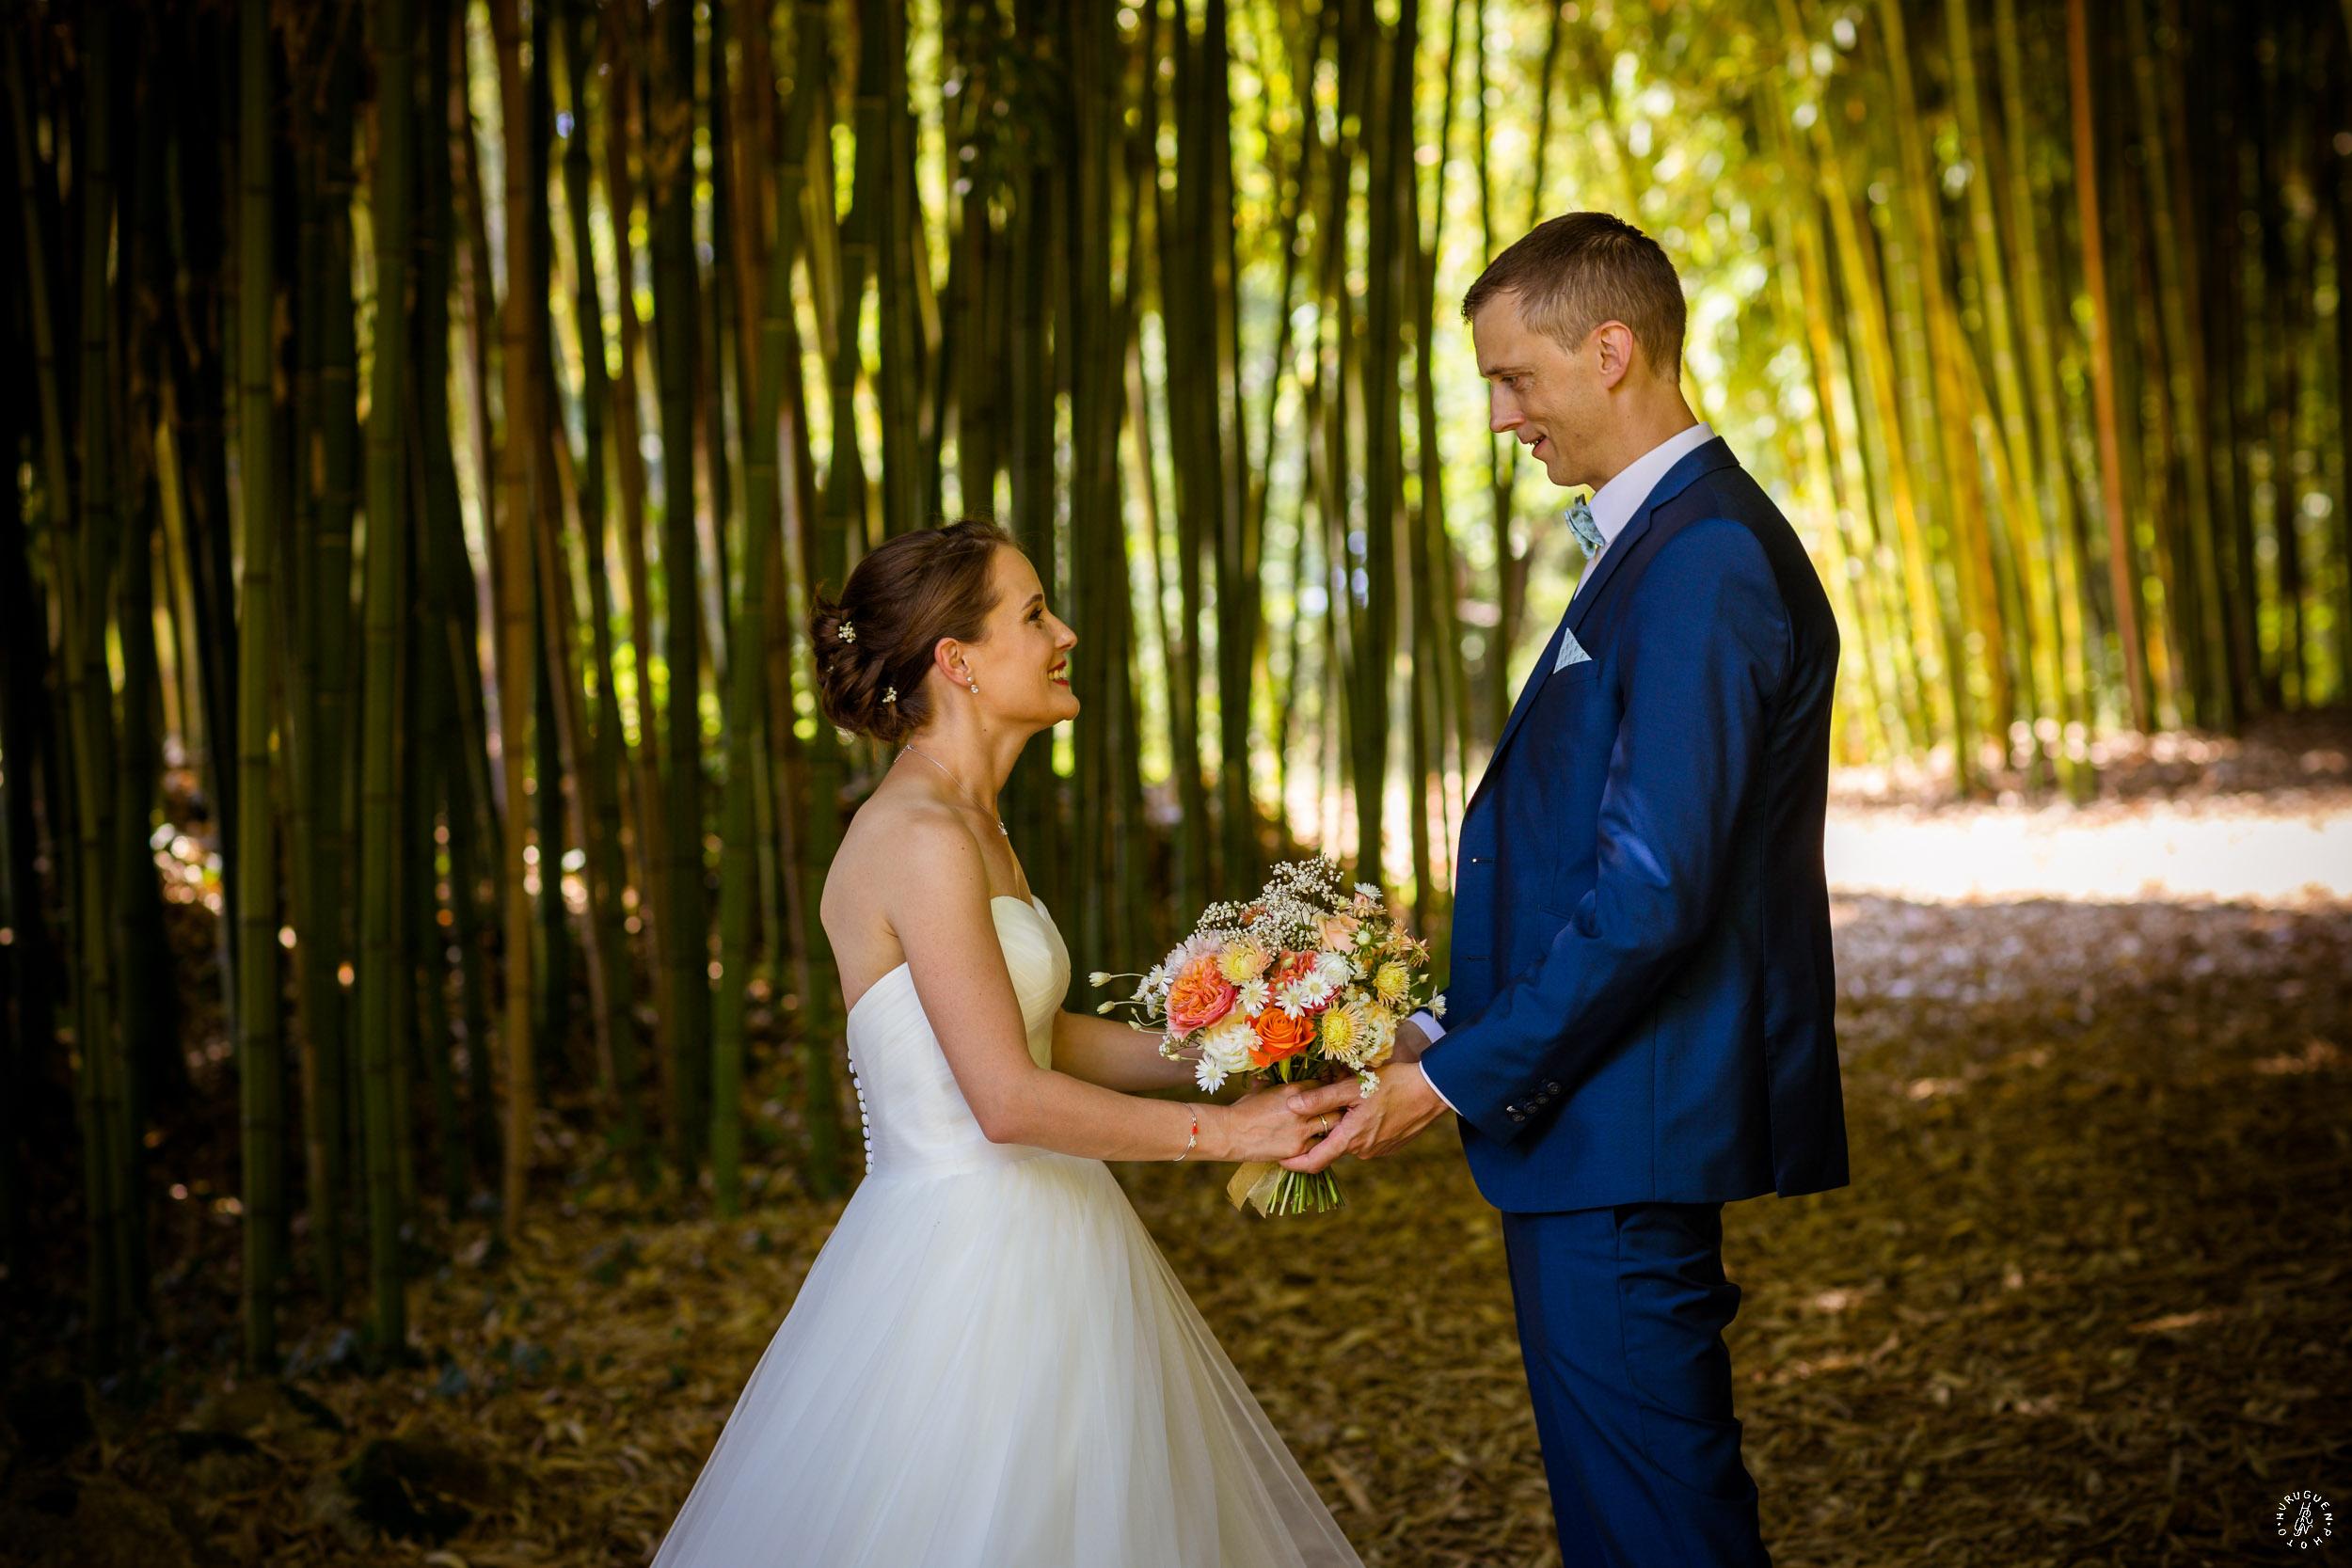 sebastien huruguen photographe mariage bordeaux